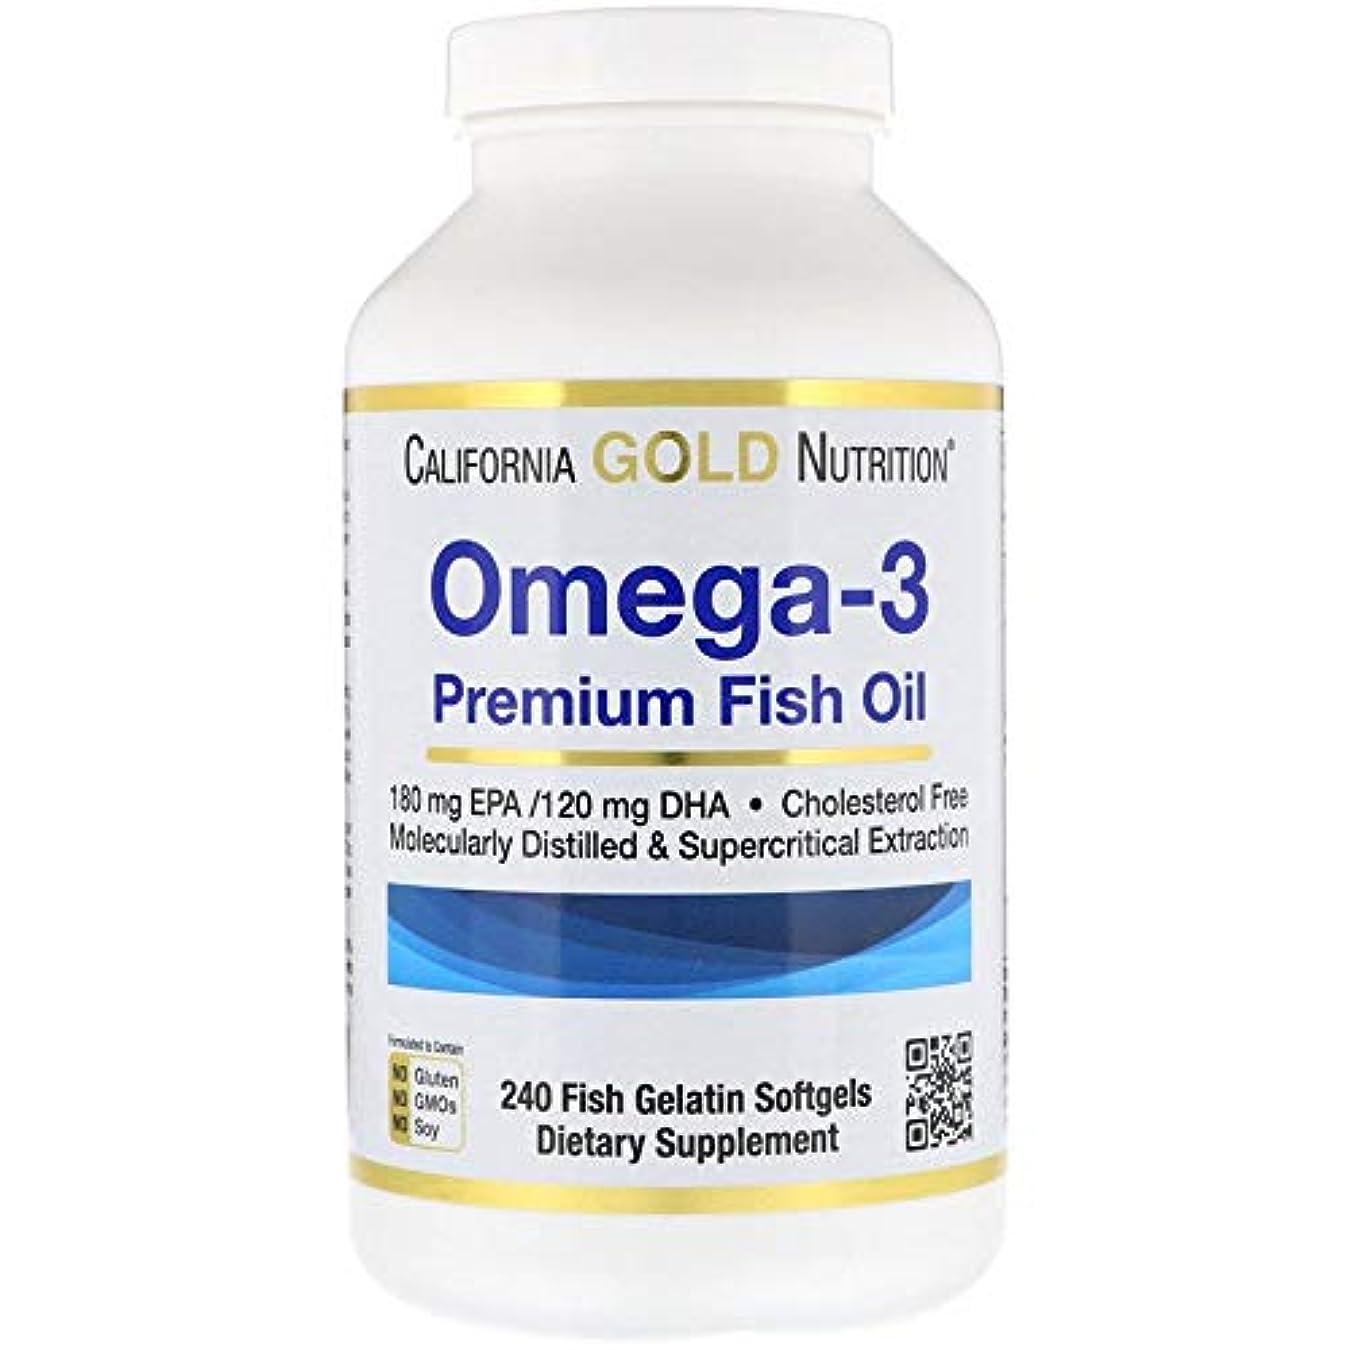 持続的法律により会話California Gold Nutrition Omega-3 Premium オメガ3 フィッシュオイル お買い得 240粒 X 3 パックFish Gelatin Softgels [並行輸入品] FjgH